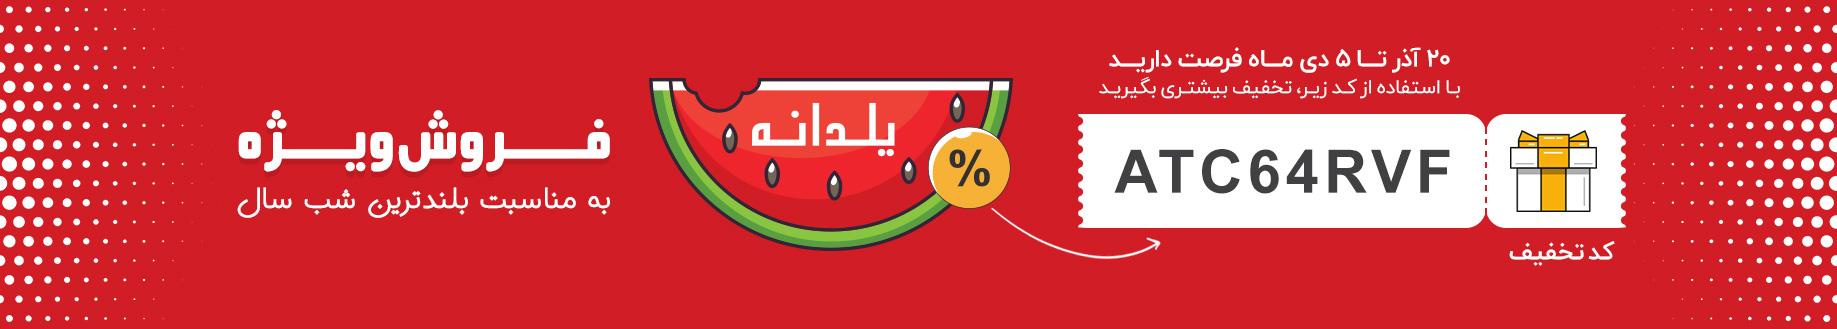 یلدا مبارک